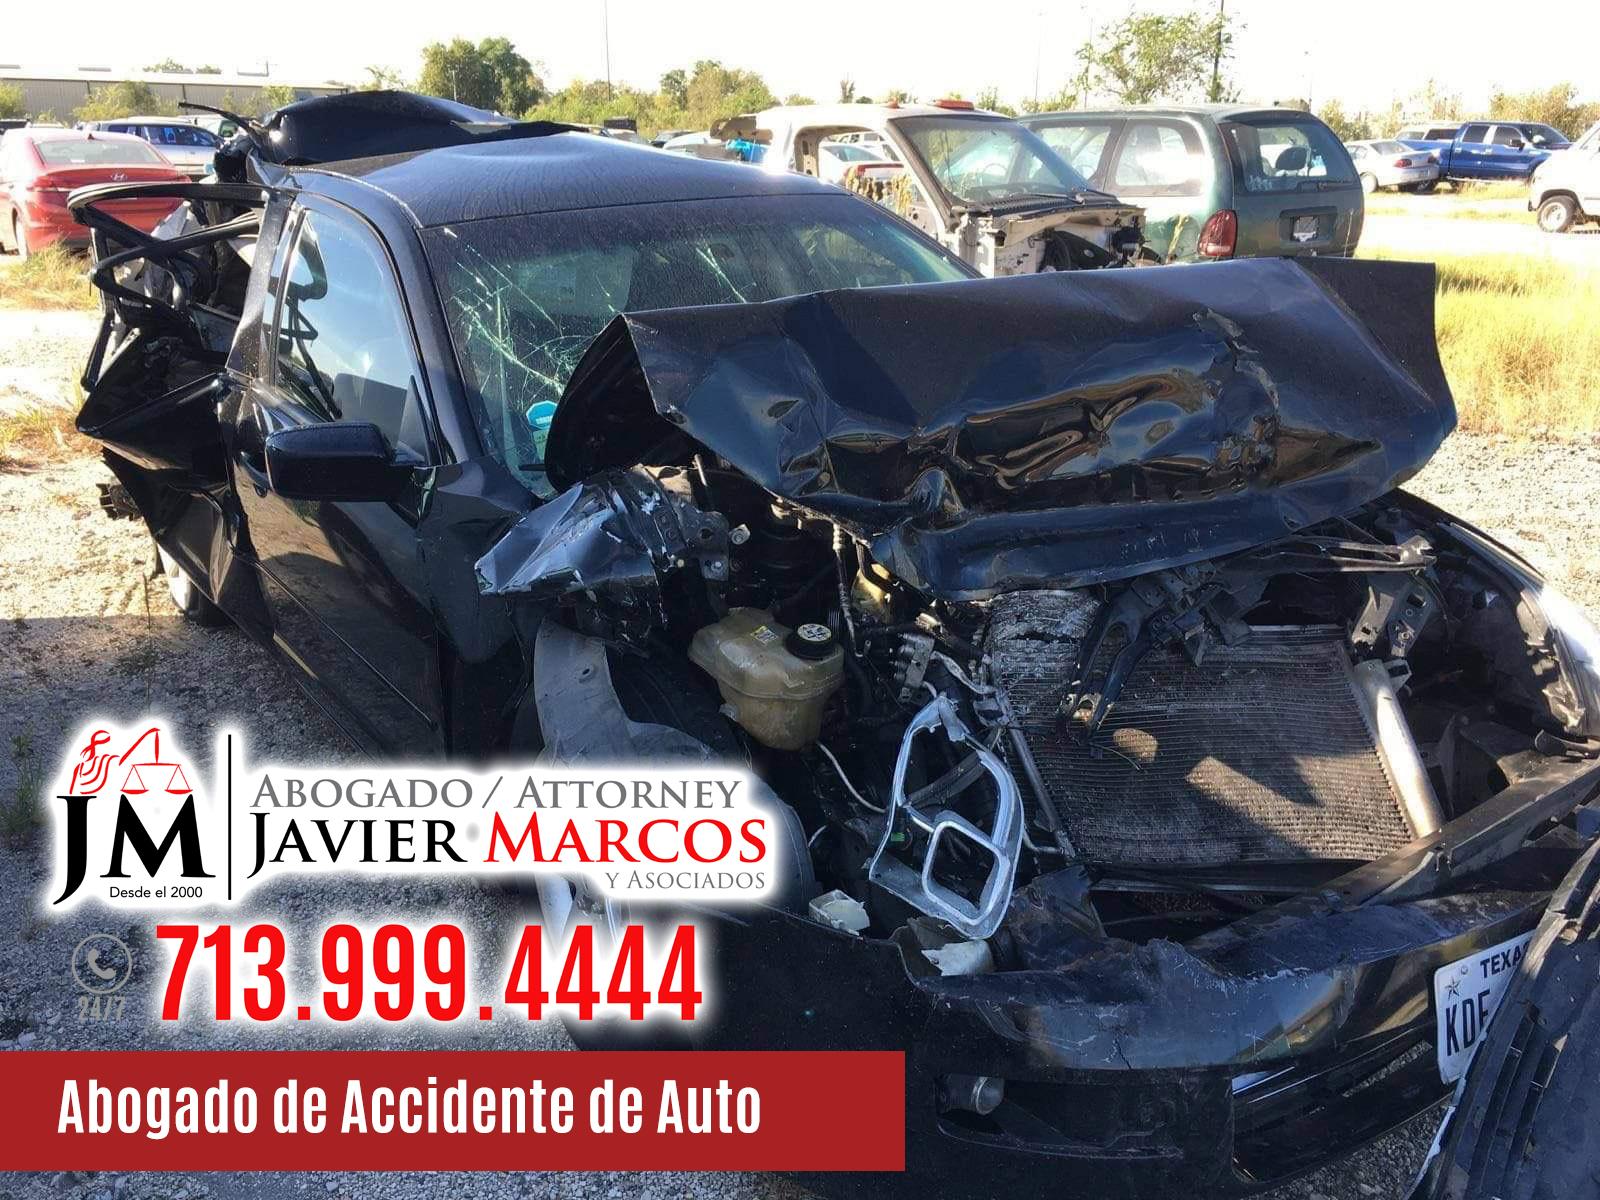 Abogado de Accidente de Auto | Abogado Javier Marcos